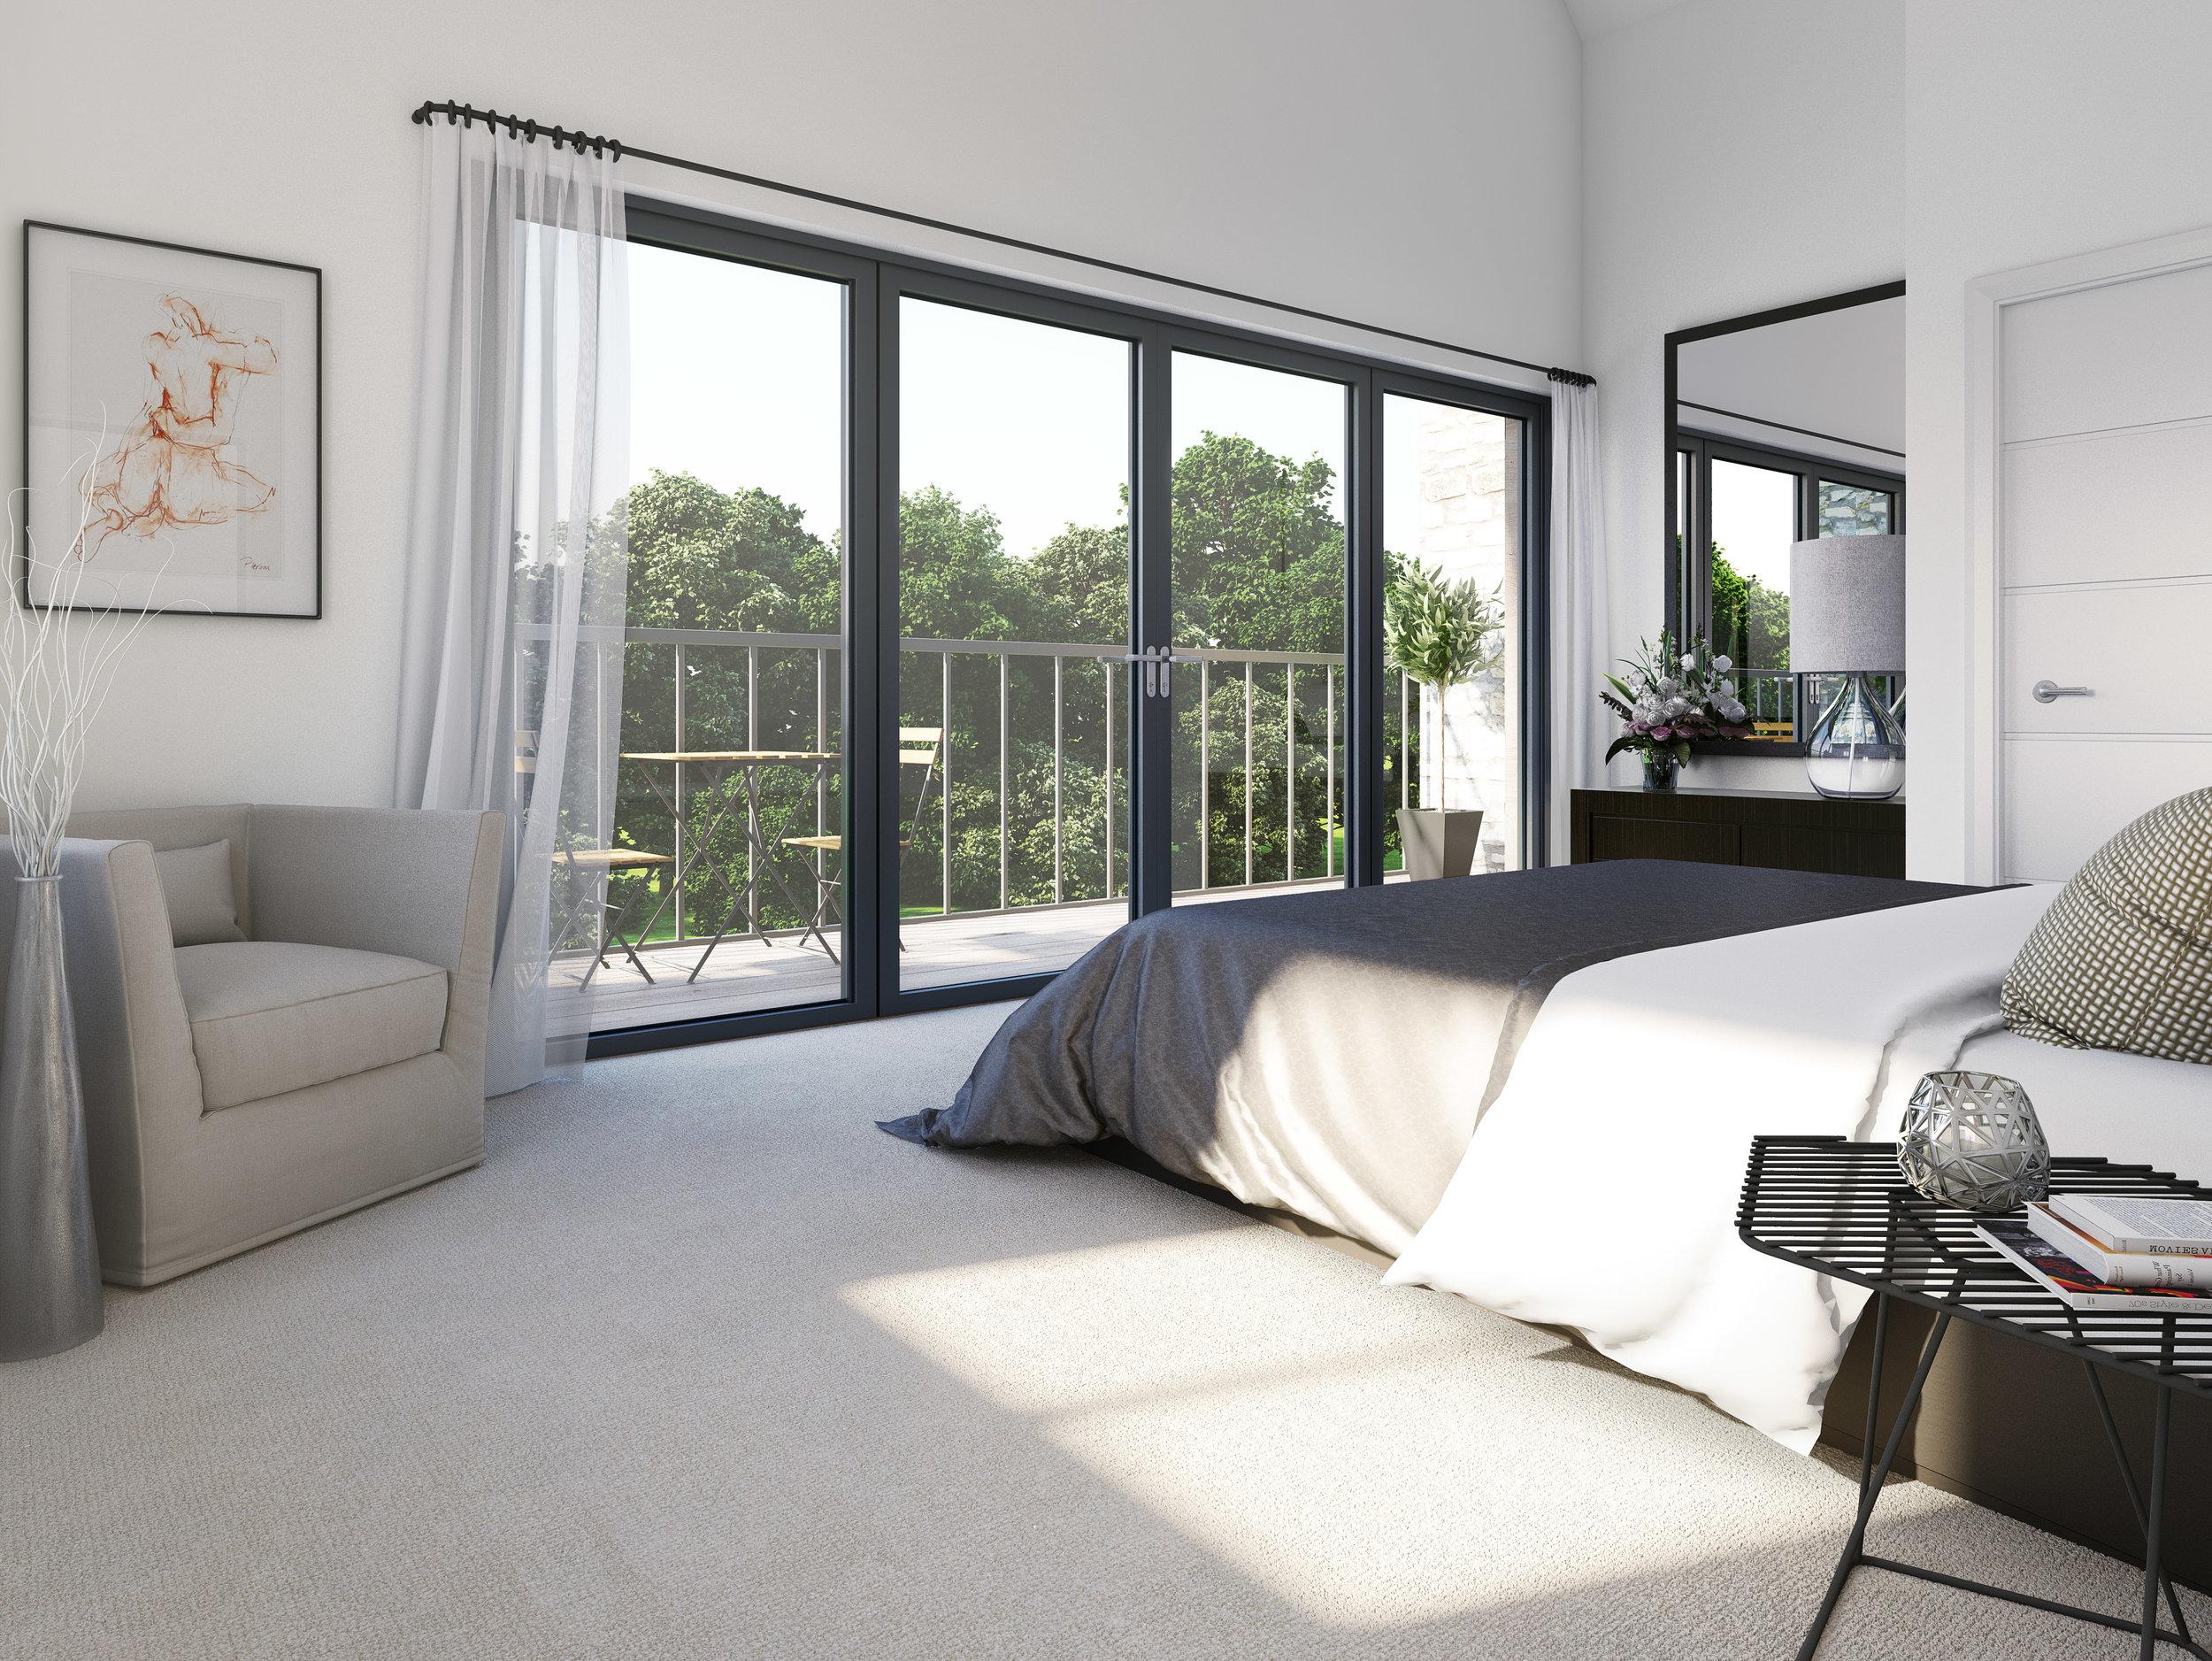 Plot 10_Bedroom_HR.jpg